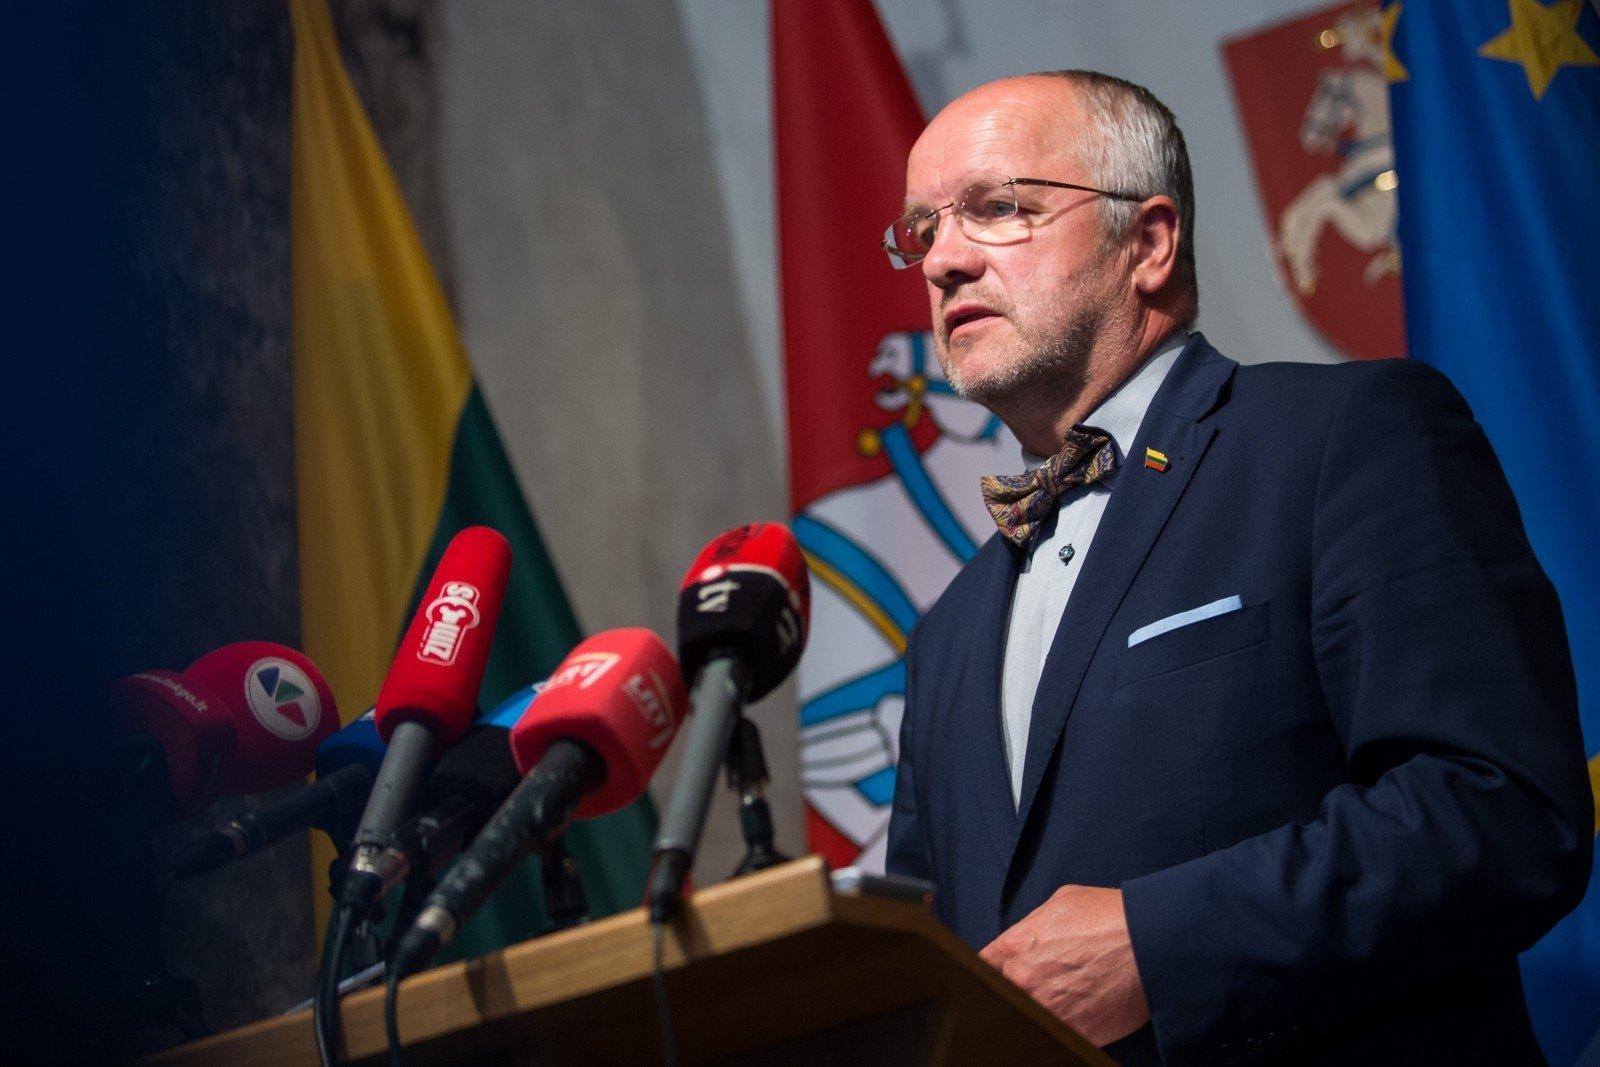 Минобороны Литвы уличили вмошенничестве при госзакупках